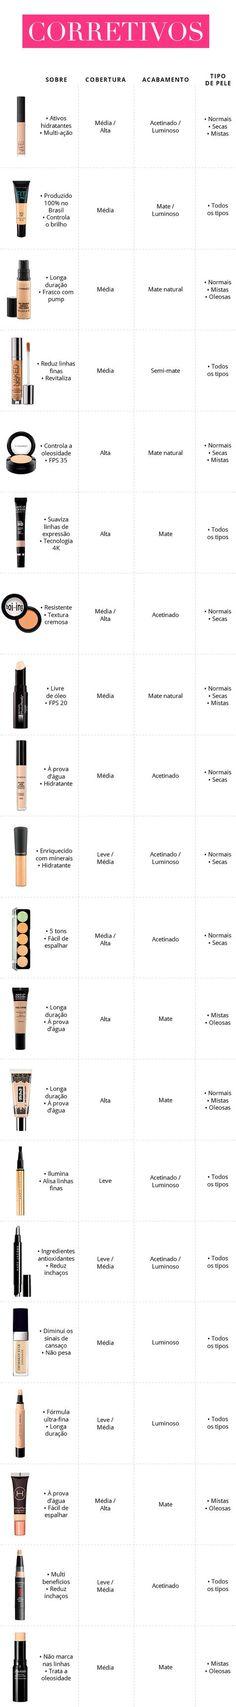 FREE Mieoko Kabuki Brush From The American Beauty Association Makeup Trends, Makeup Inspo, Makeup Inspiration, Makeup Tips, Basic Makeup, Makeup Ideas, Body Makeup, Skin Makeup, Natural Beauty Tips